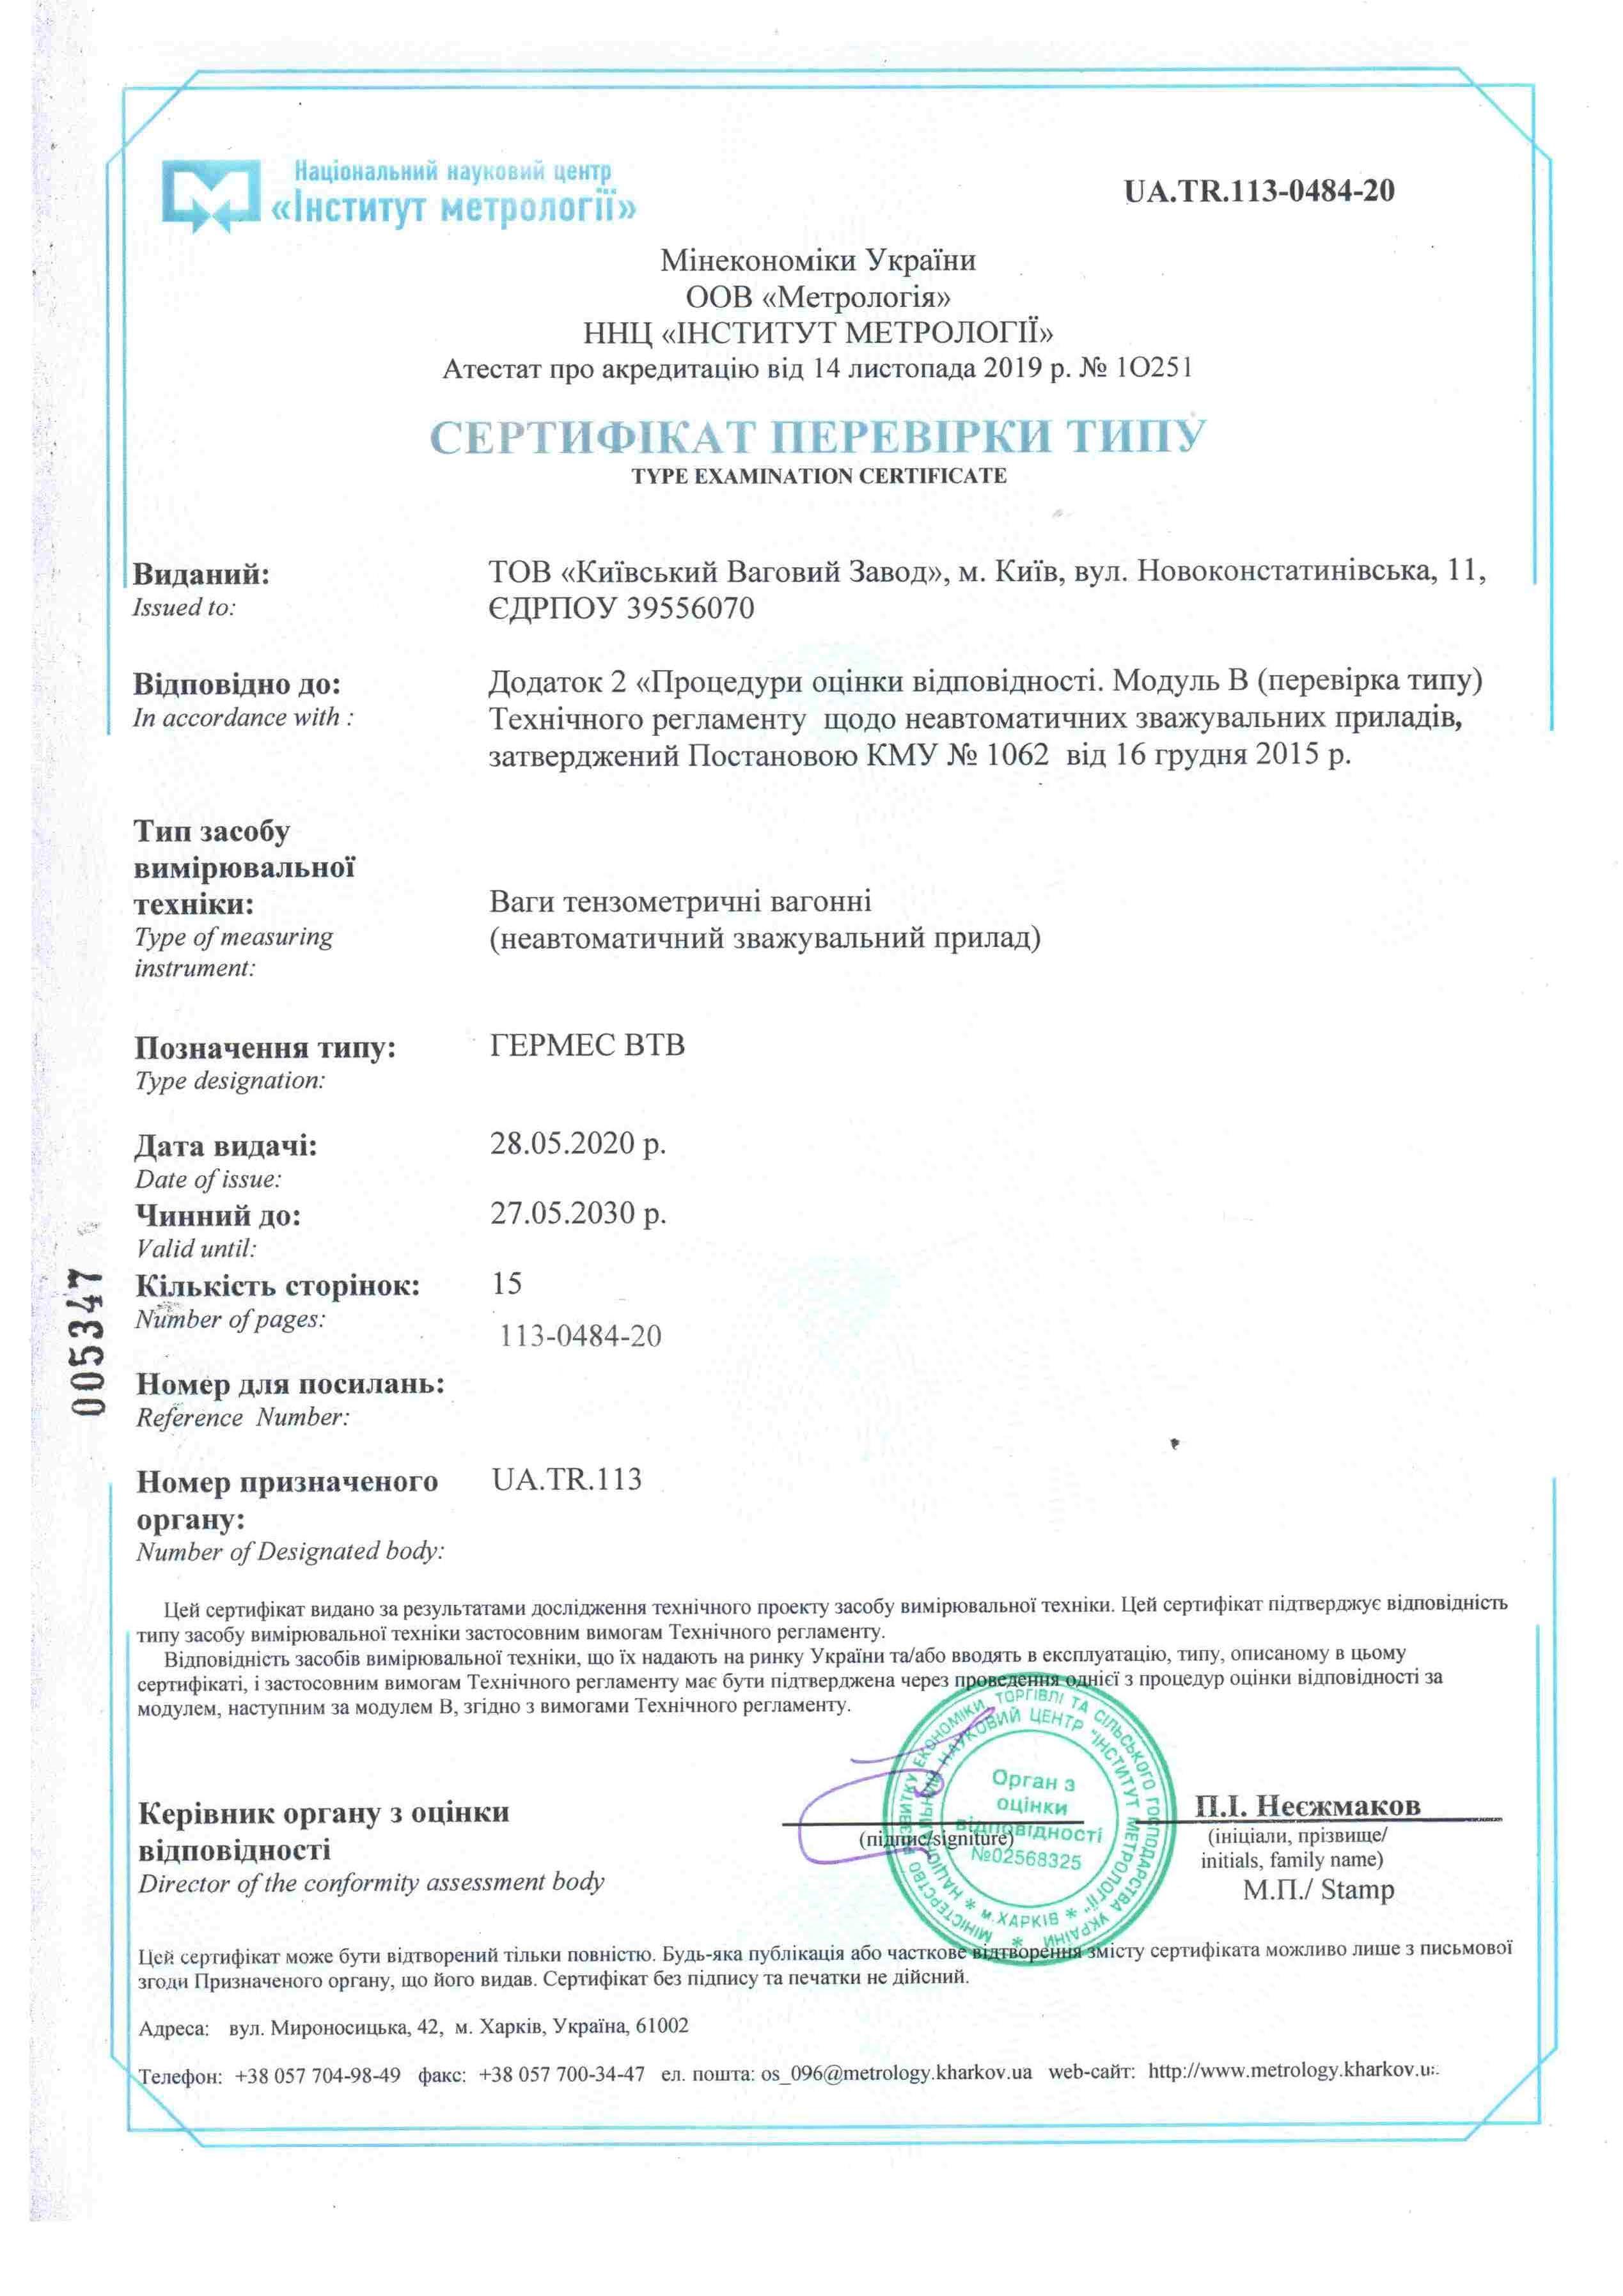 sertifikat-po-modulyu-v-vagi-tenzometrichni-vagonni-titulnij-1